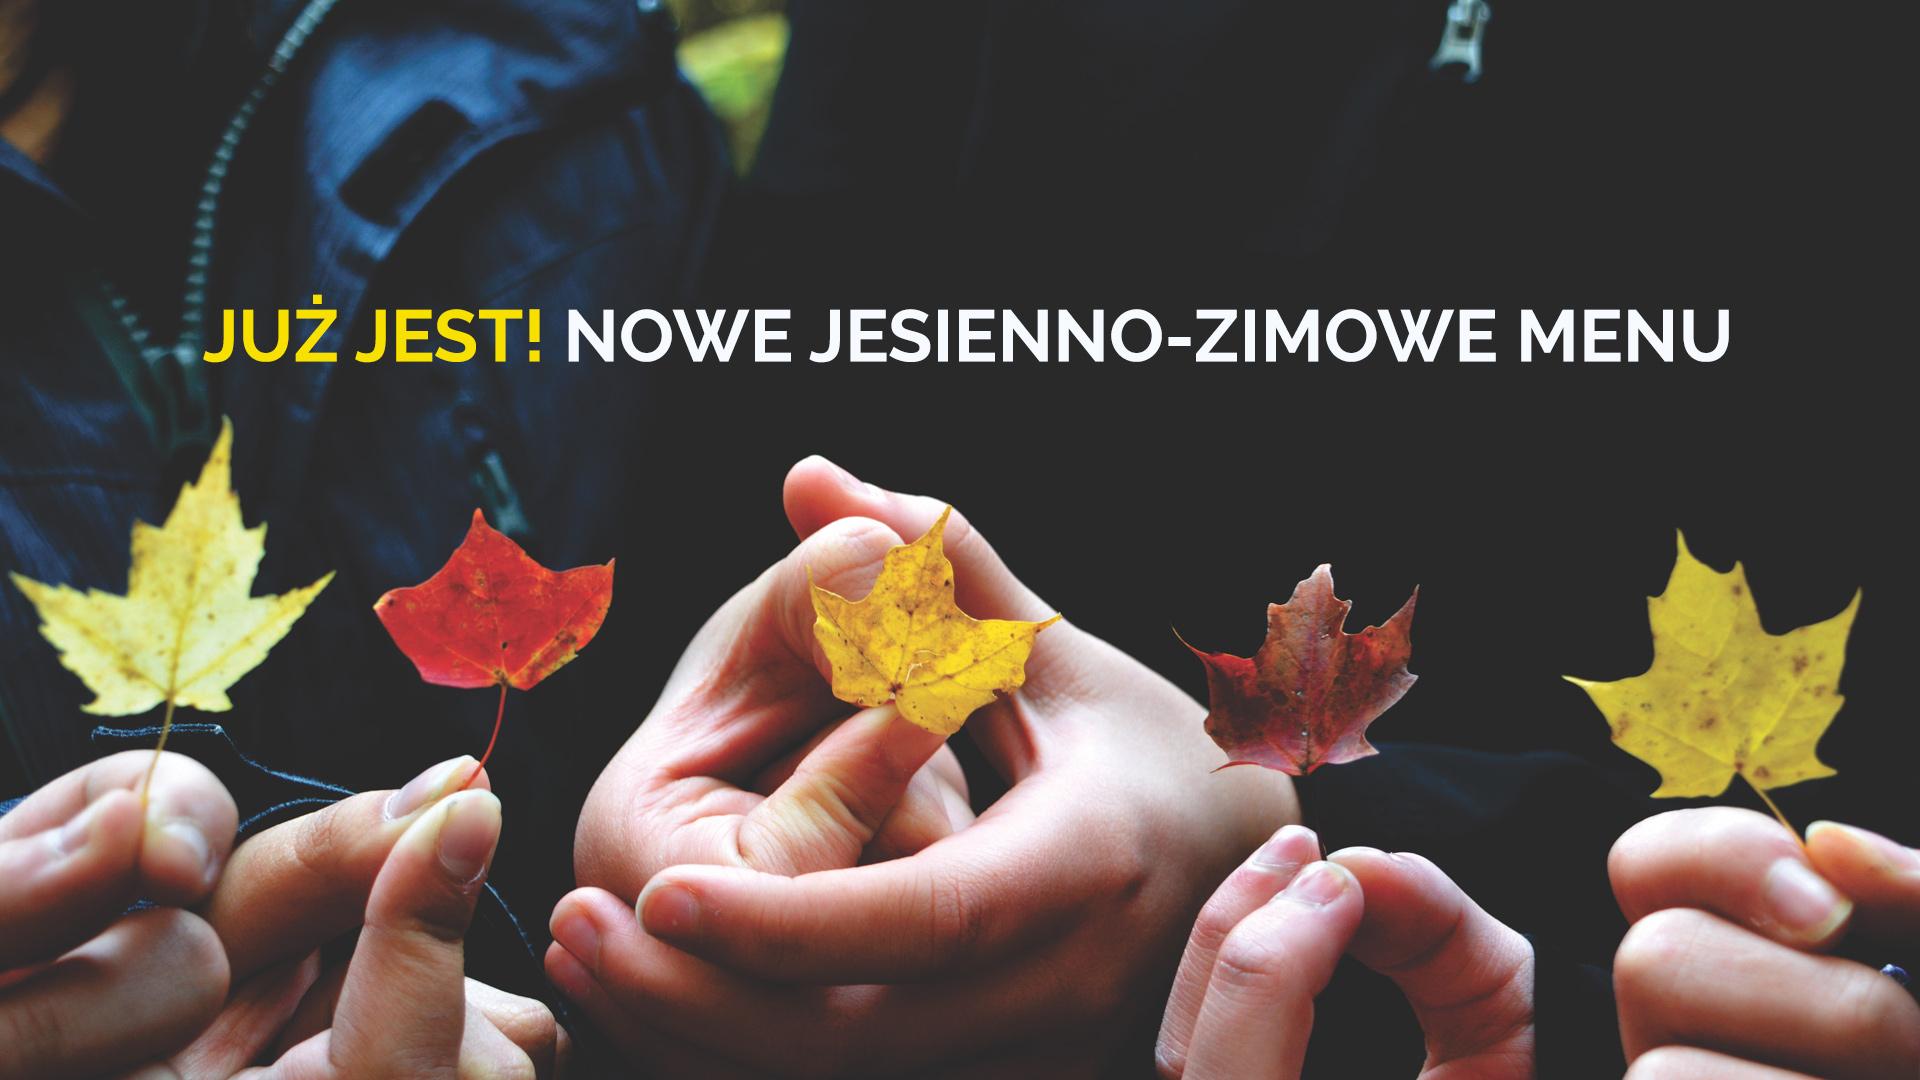 Już jest! Nowe jesienno-zimowe menu!